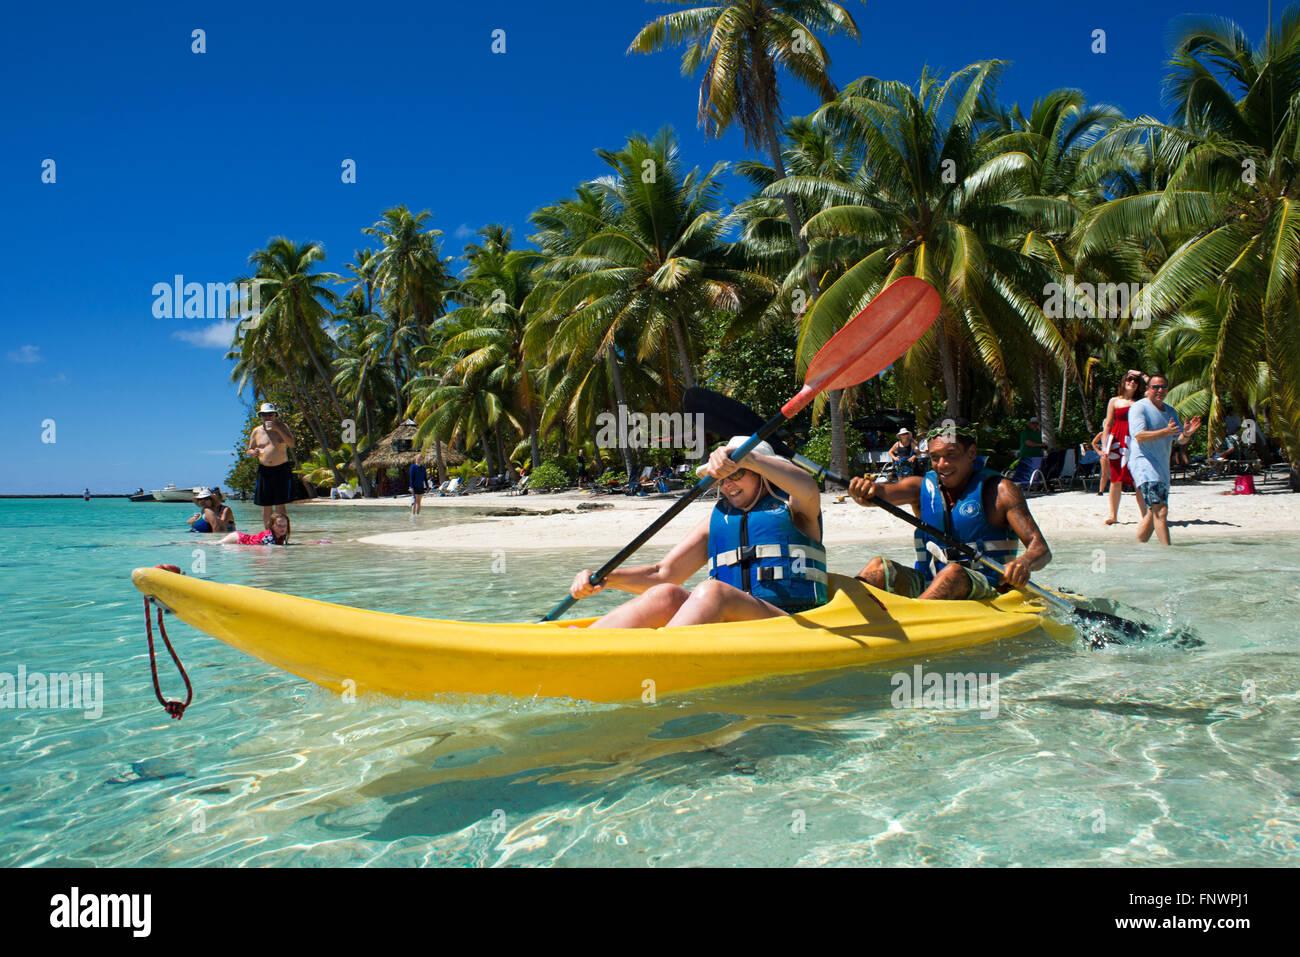 Island of Taha'a, French Polynesia. Tourists doing kayak at the Motu Mahana, Taha'a, Society Islands, French - Stock Image